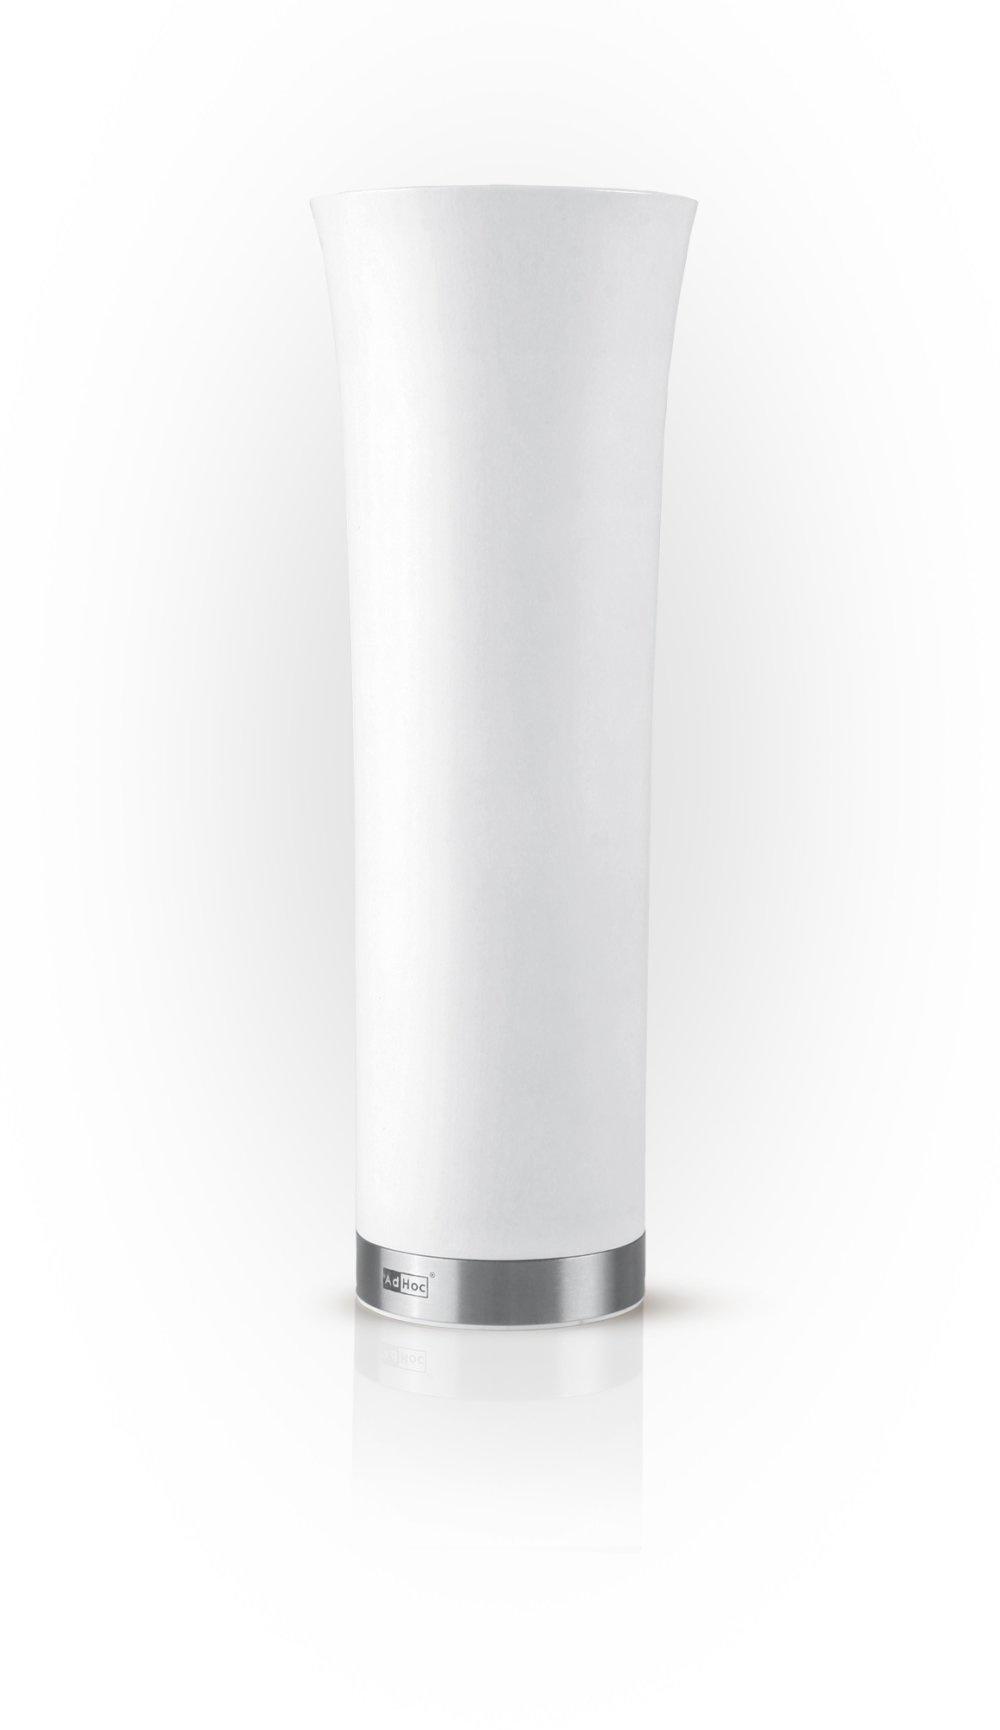 Adhoc Milano Peper- of Zoutmolen Elektrisch met LED Verlichting